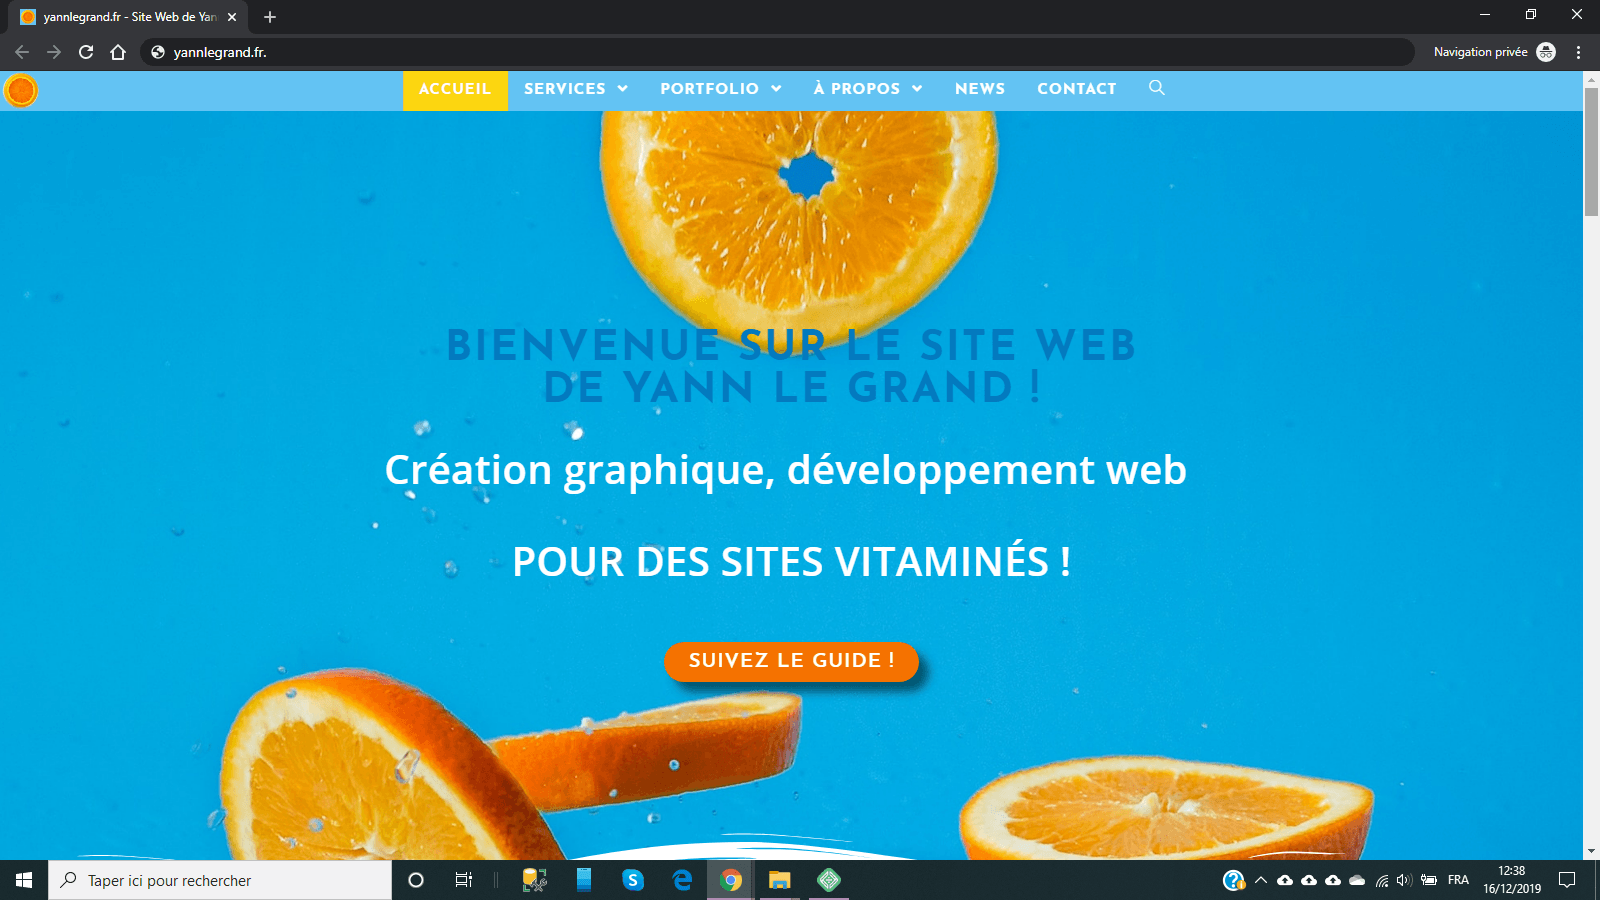 Site web de Yann Le Grand